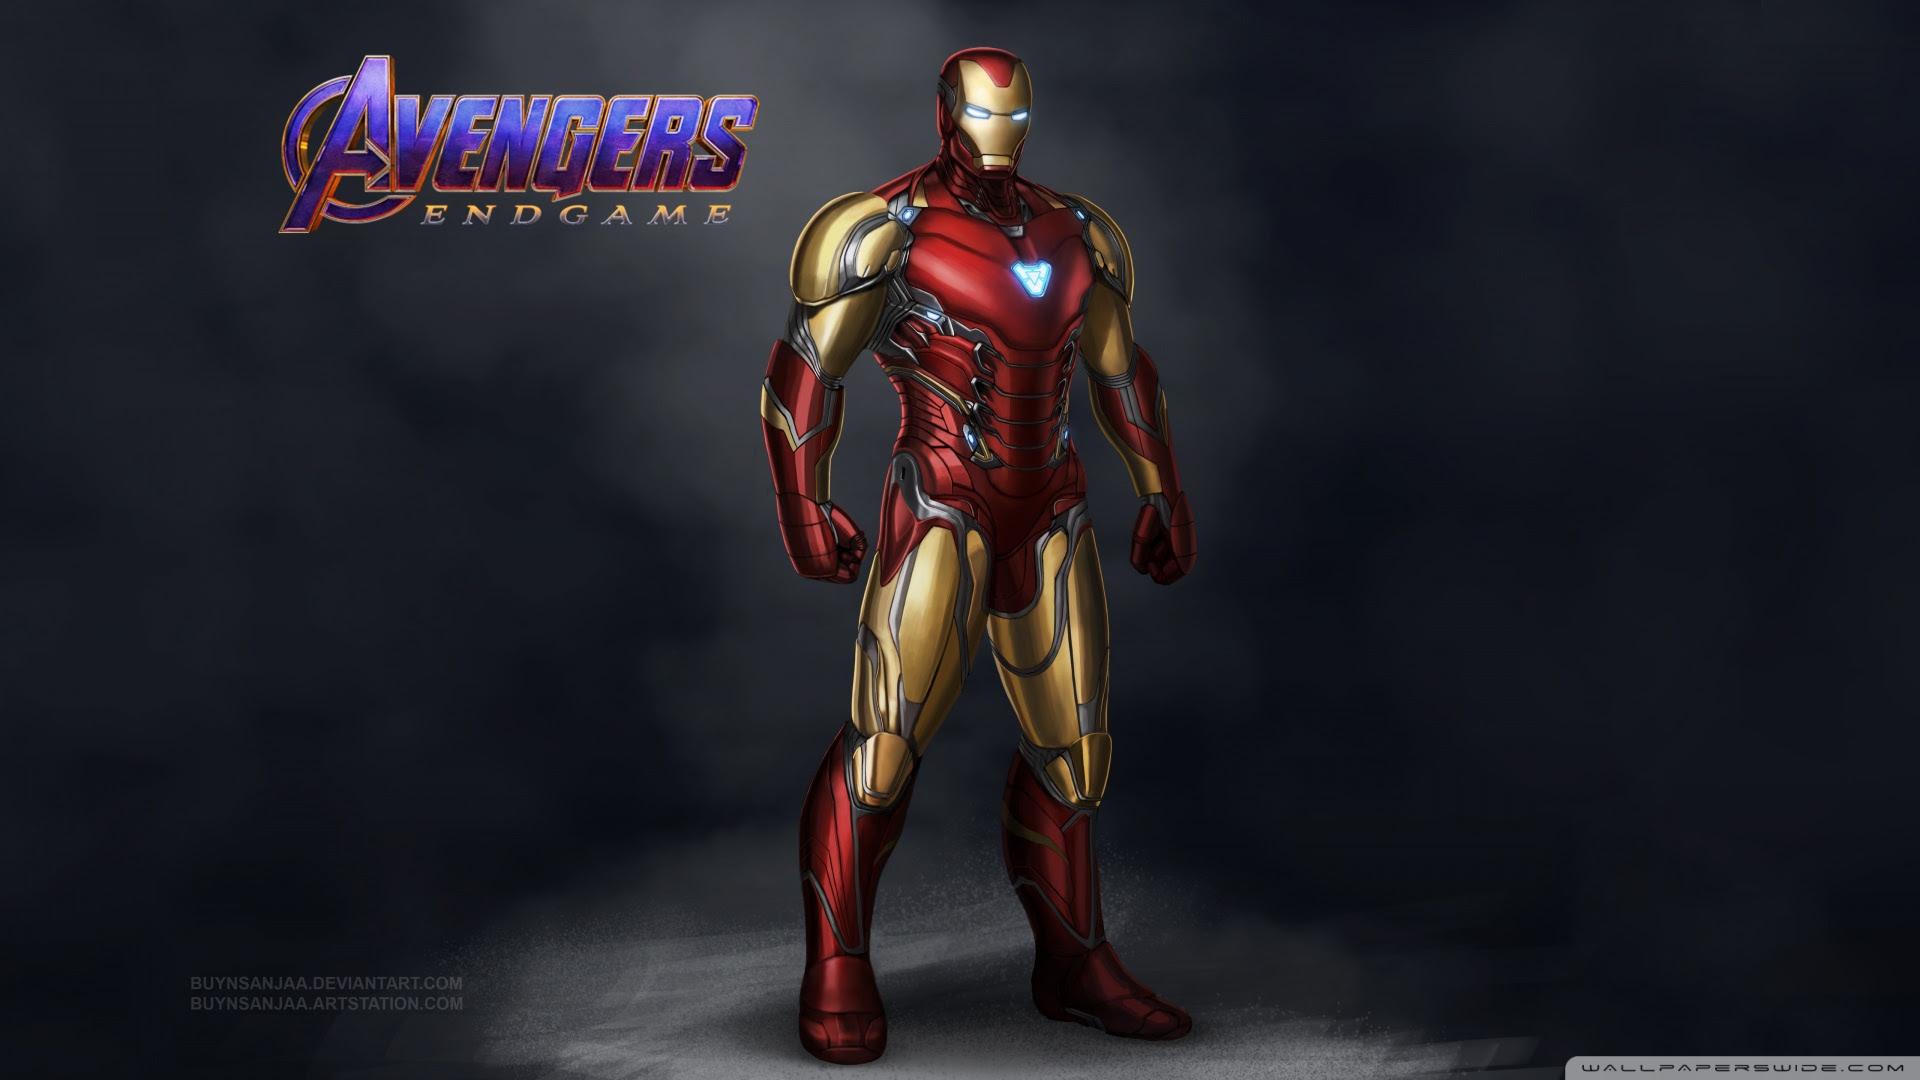 Avengers Endgame Iron Man Mark 85 Ultra Hd Desktop Background